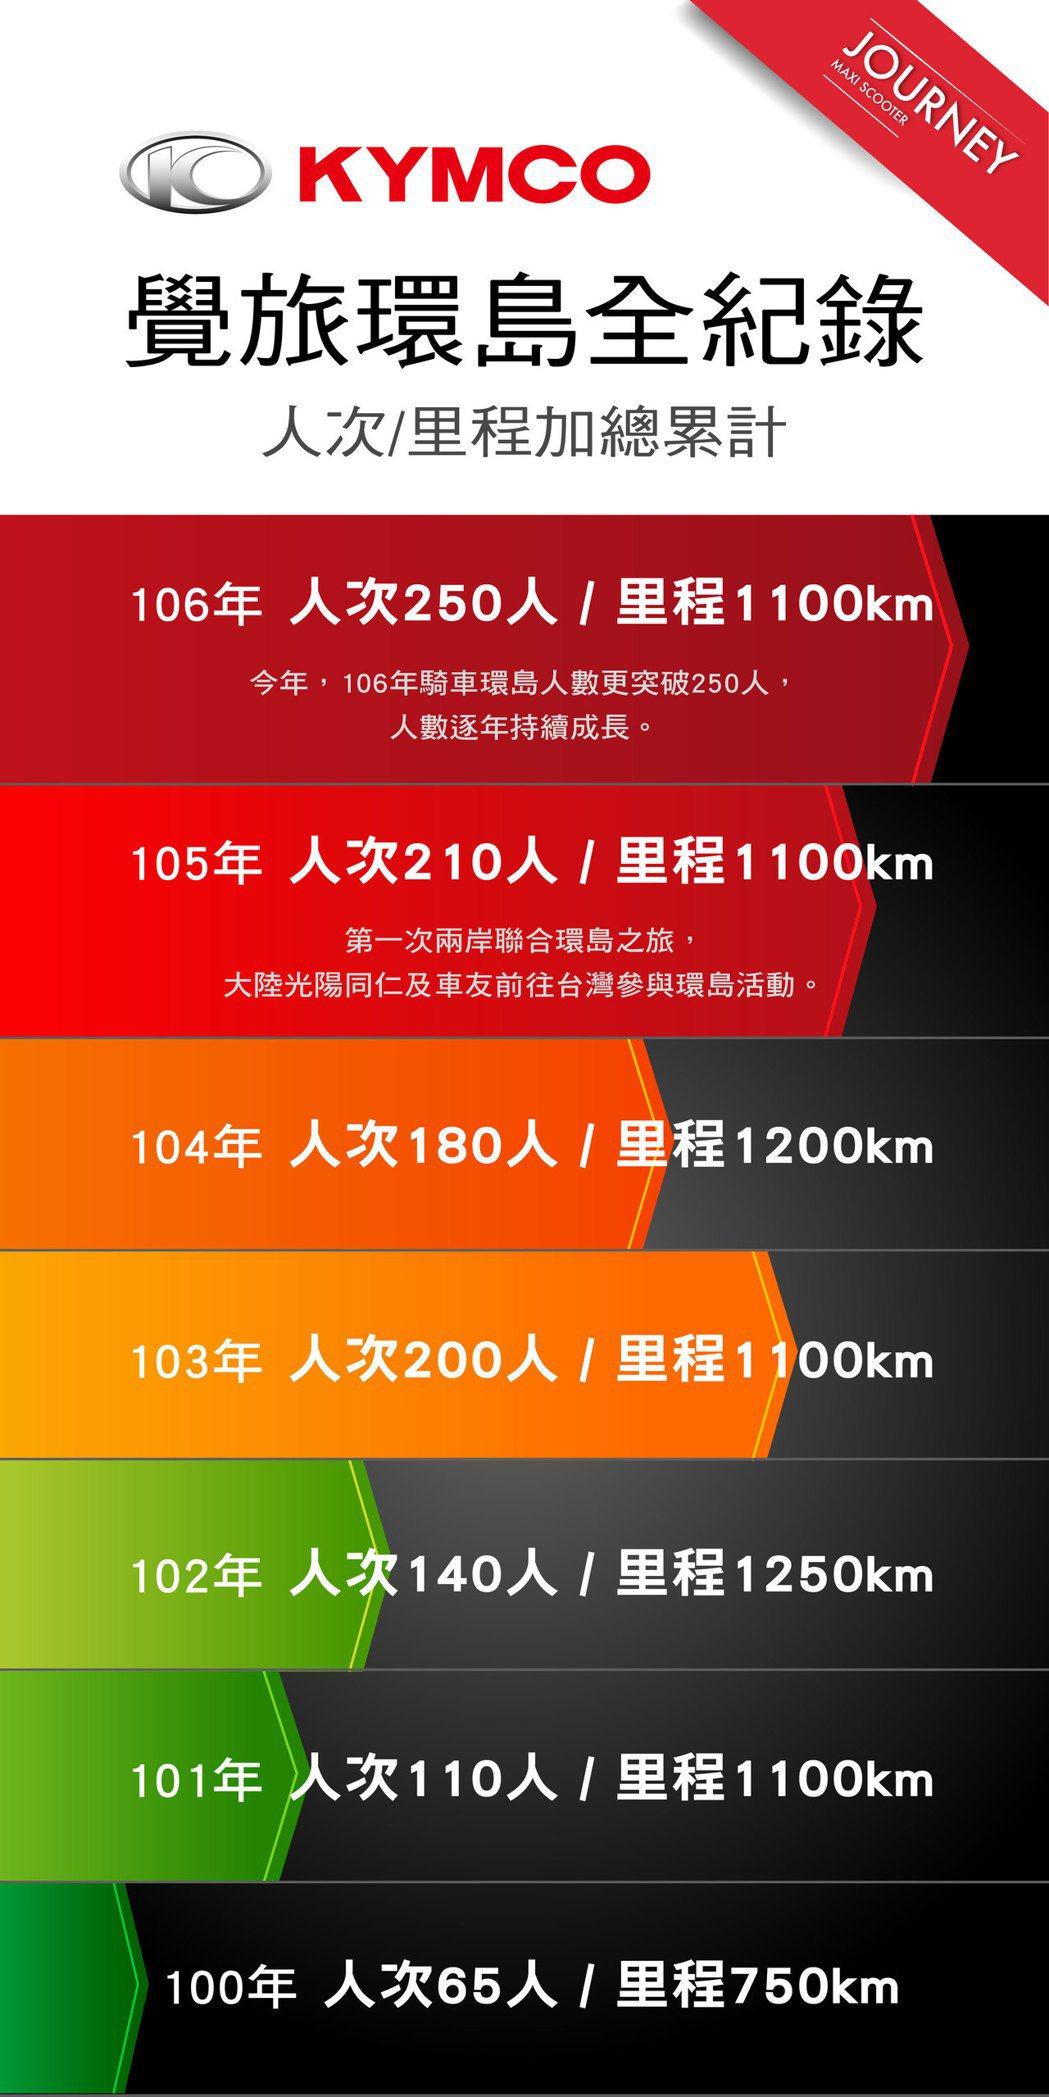 覺旅環島全紀錄。 圖/光陽機車提供